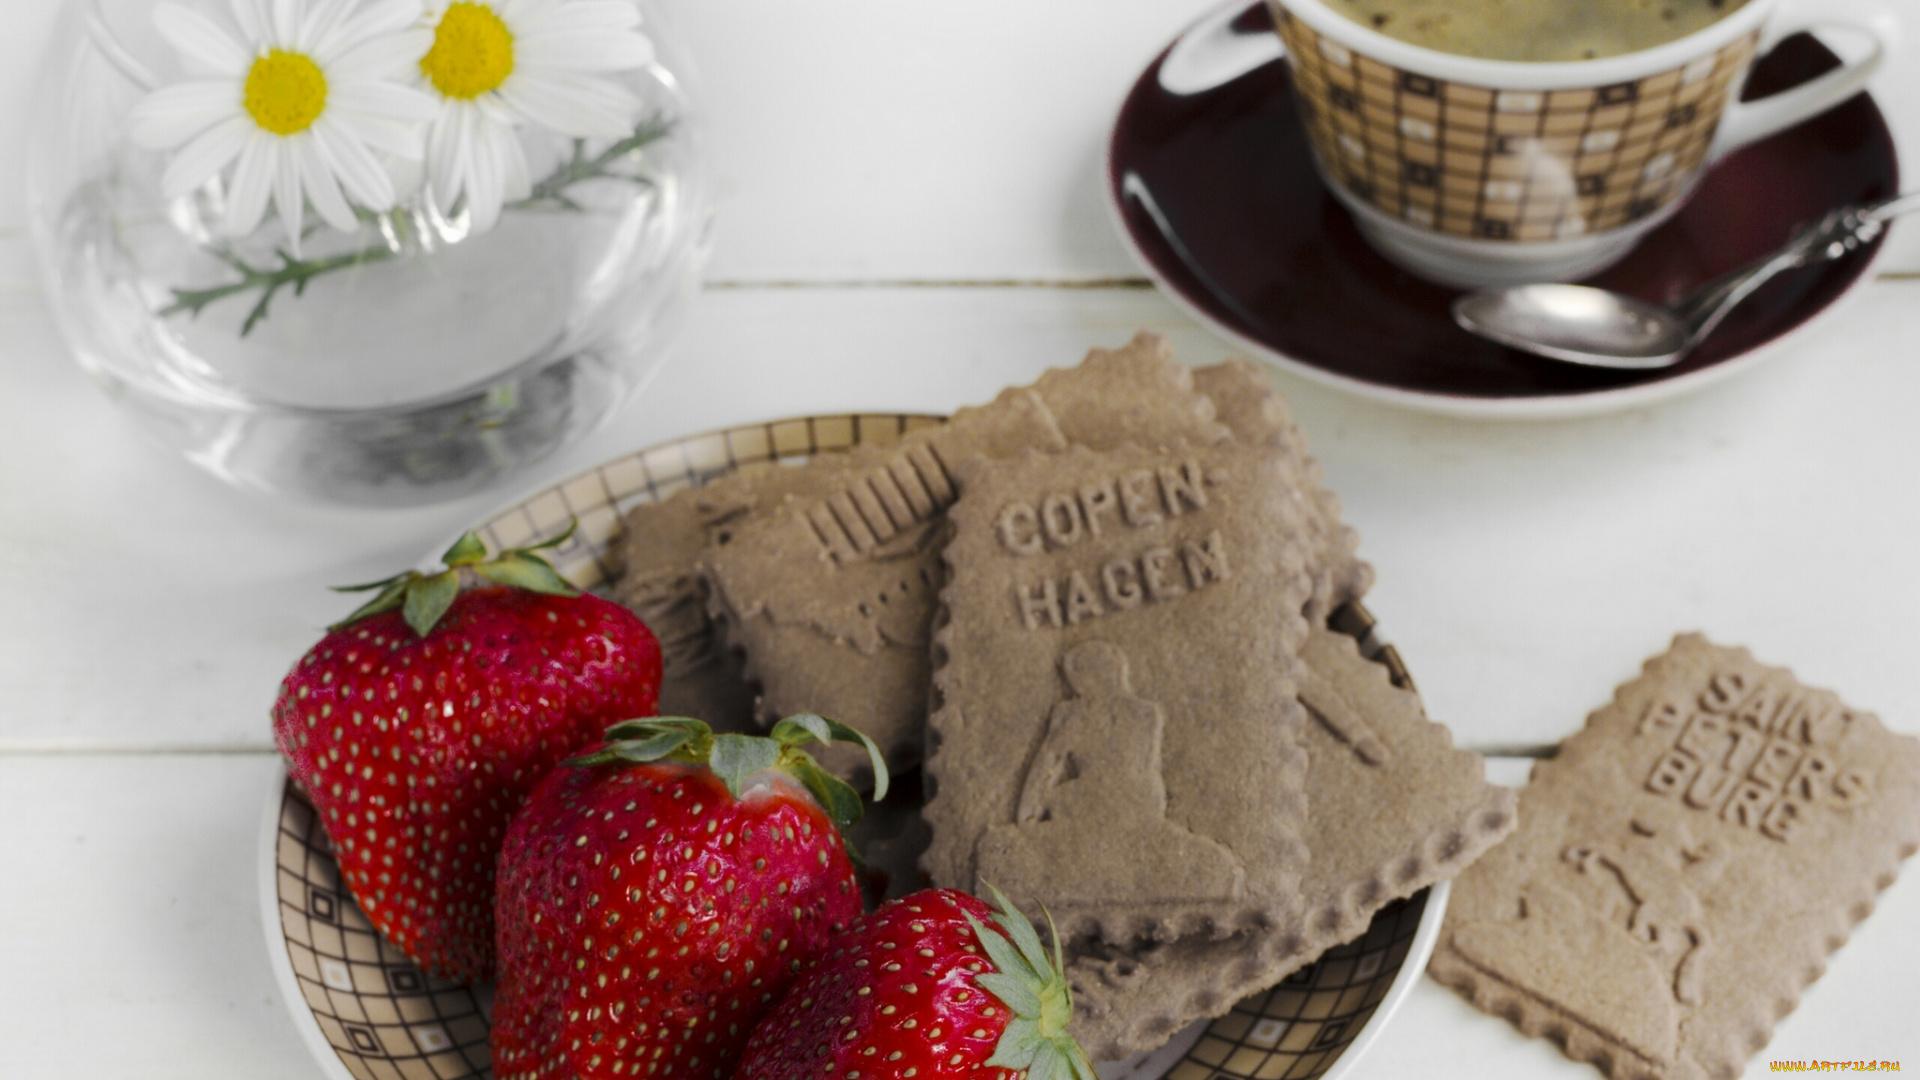 Открытки с добрым утром цветы клубника и шоколад